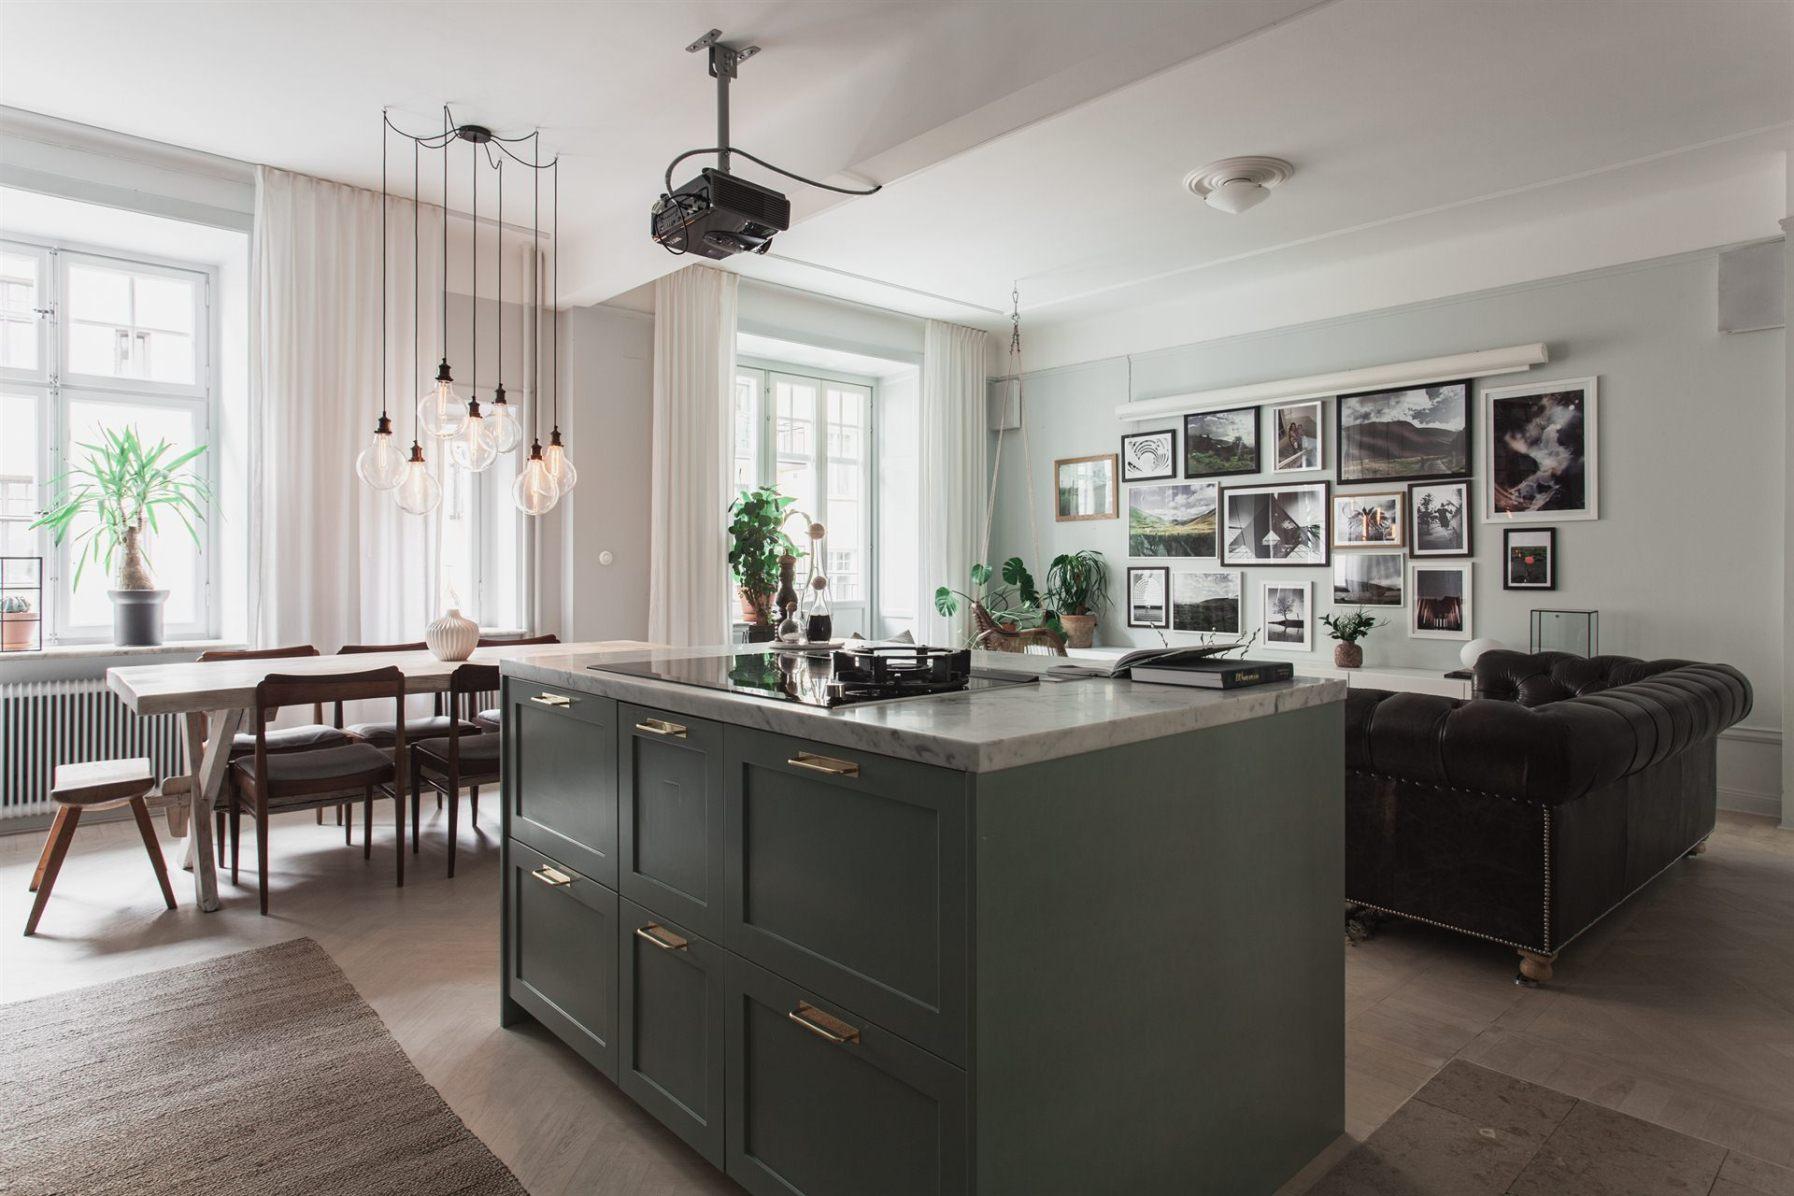 квартира 67 квм кухонный остров гостиная